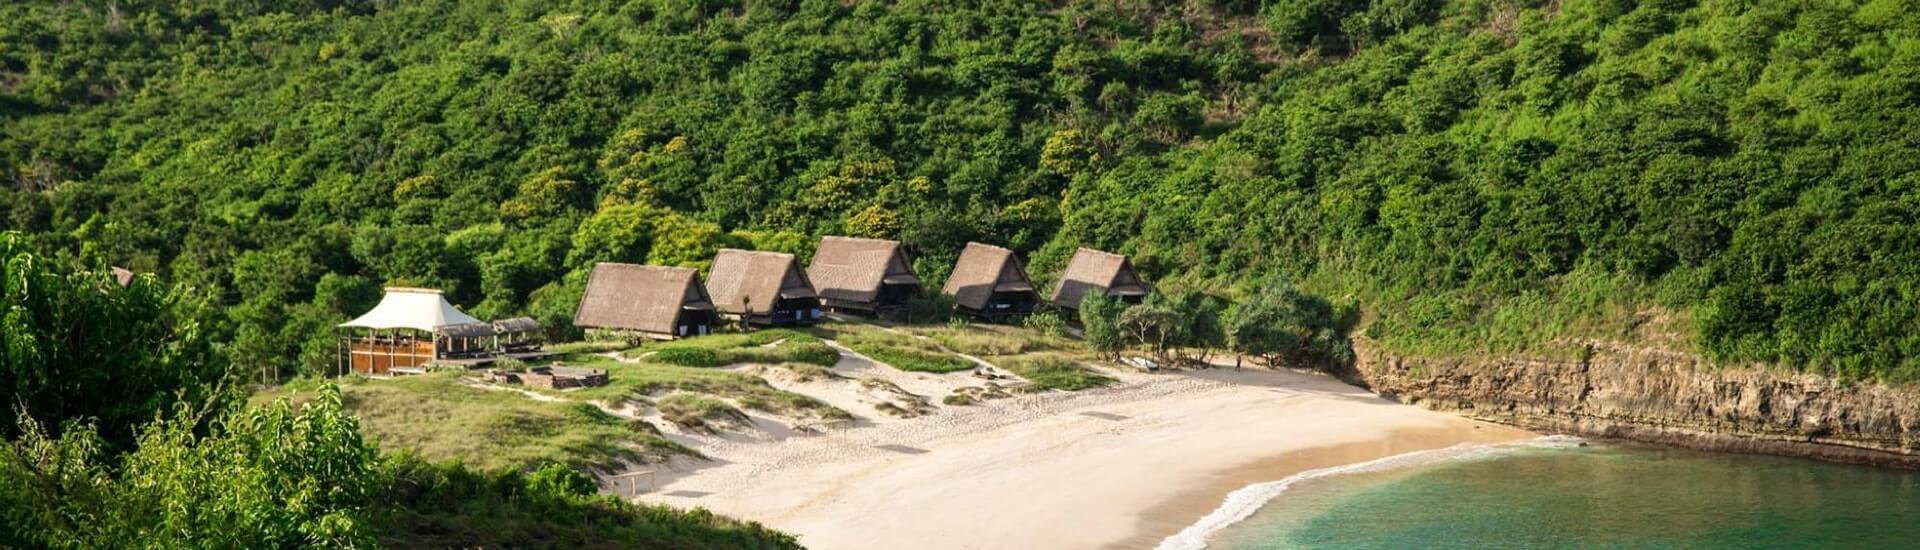 Jeeva Beloam Beach Camp Lombok